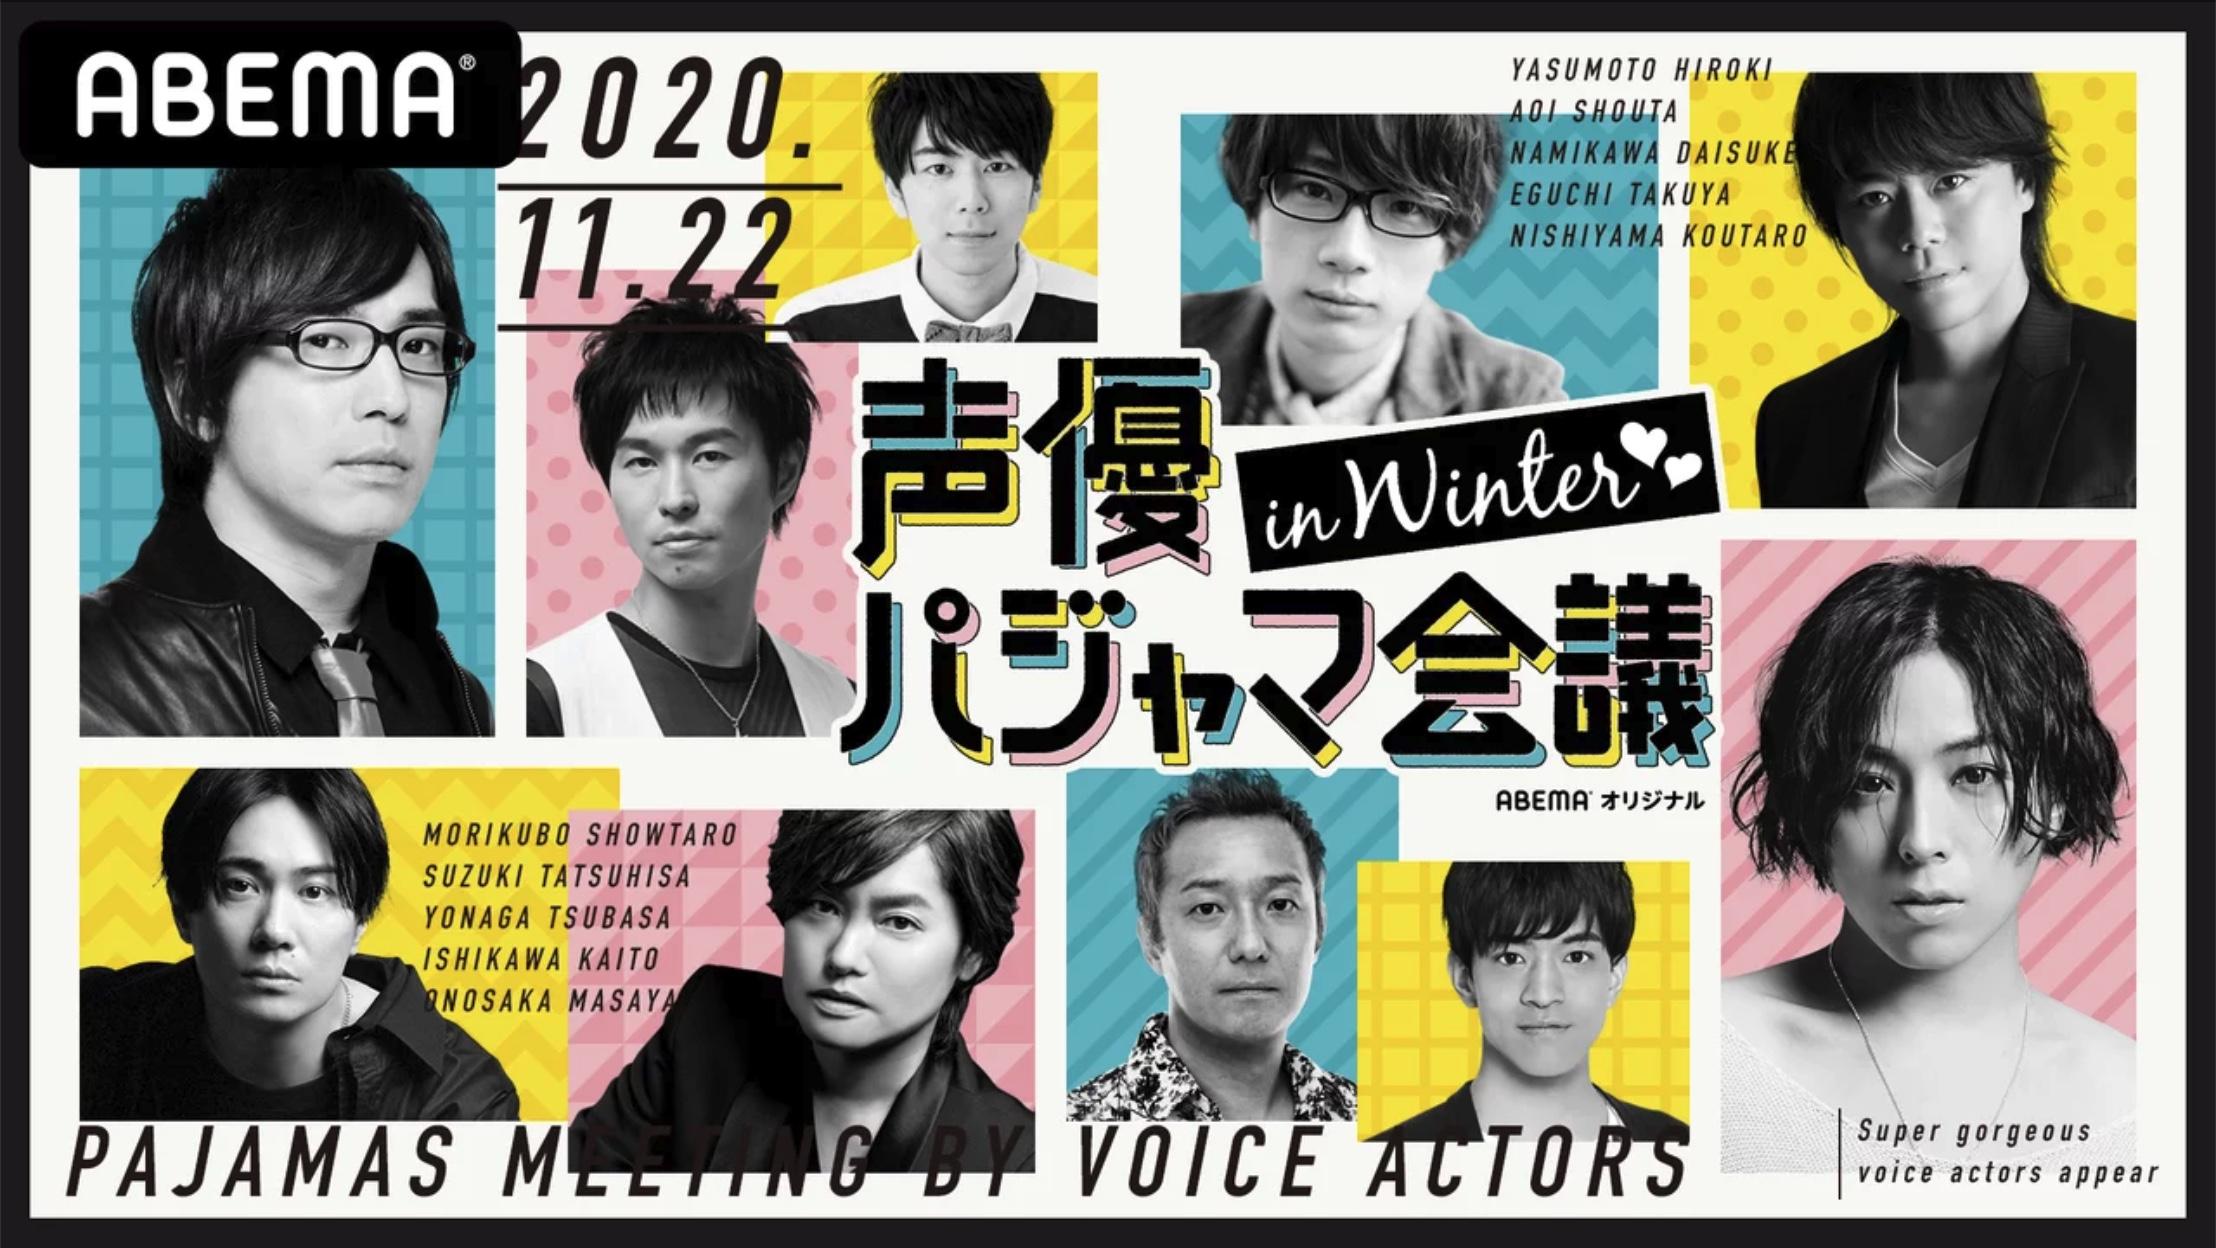 大反響を呼んだ「声優パジャマ会議」が帰ってくる!江口拓也さん・西山宏太朗さんなど新たなキャストを迎えた3時間生配信が決定